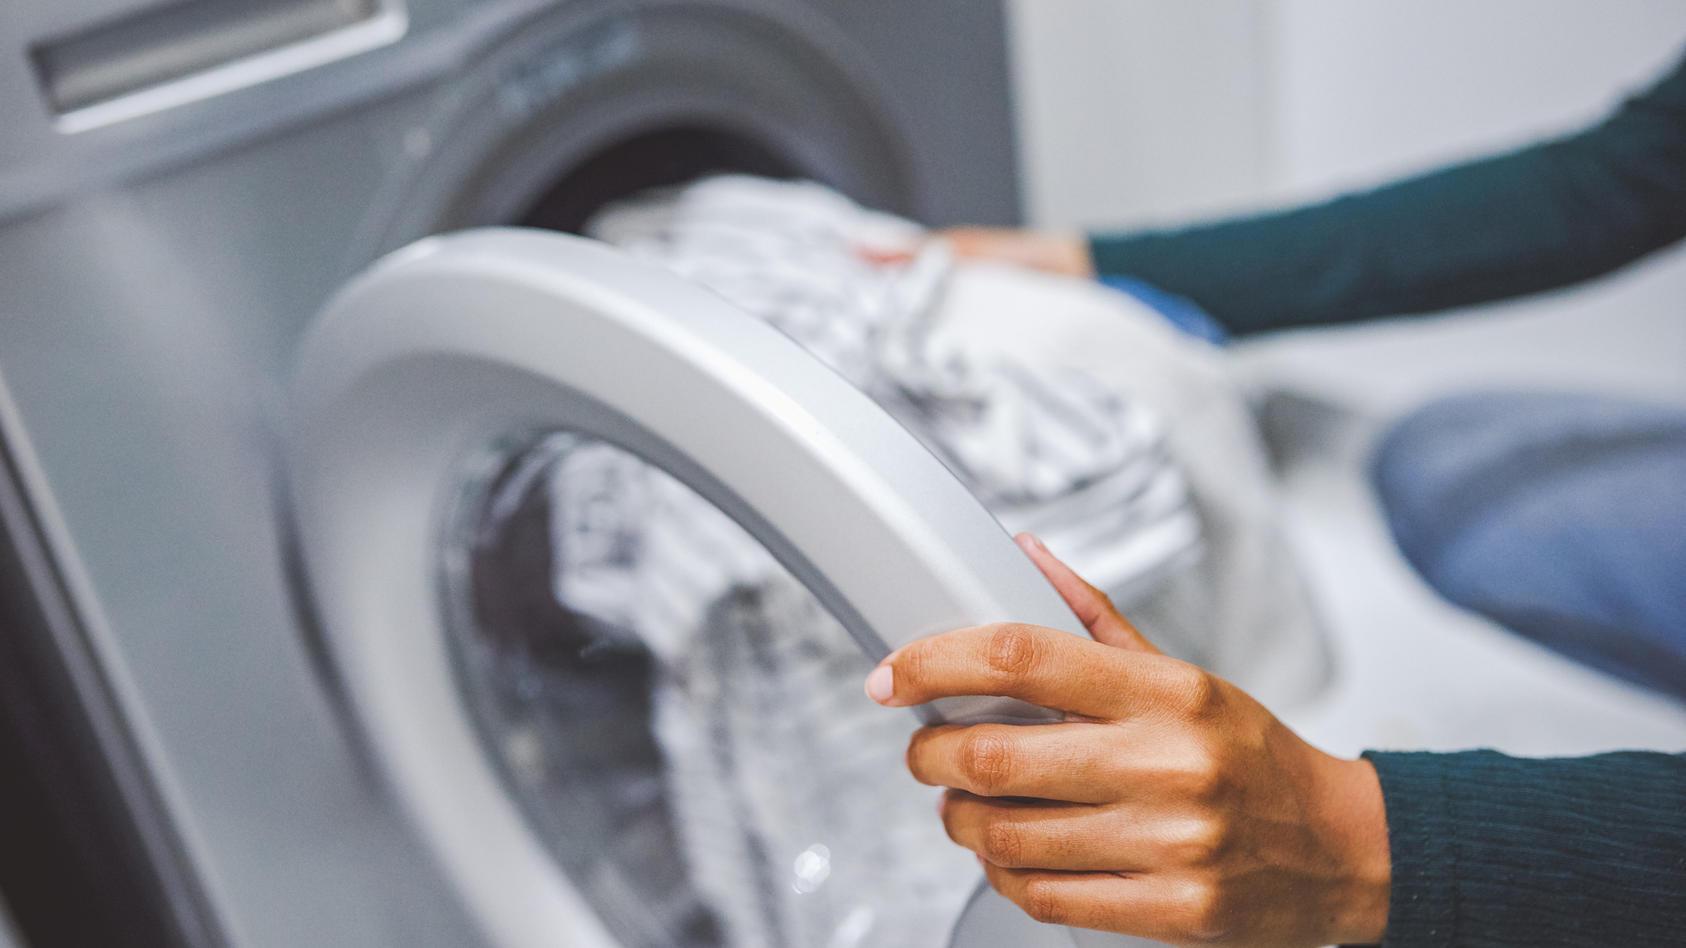 Darum sollten Sie Ihre Wäsche vor dem Waschen wiegen, wenn Sie empfindliche Haut haben.